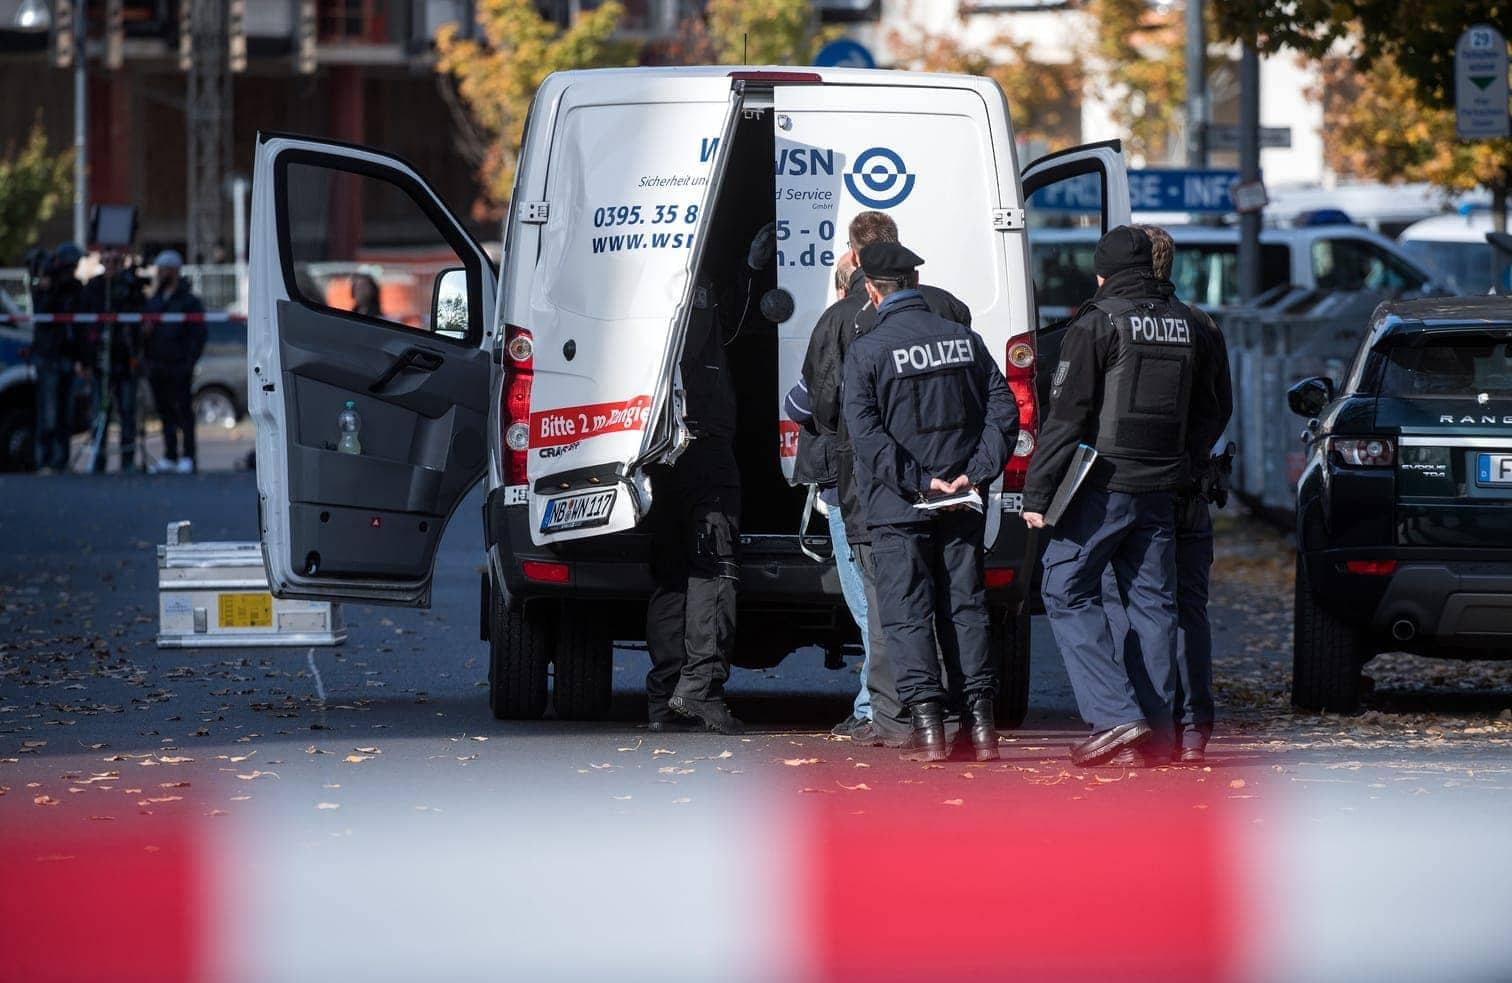 <p>Mehrere Maskierte haben in der Nähe des Berliner Alexanderplatzes einen Geldtransporter überfallen.</p> Foto: Bernd von Jutrczenka/dpa